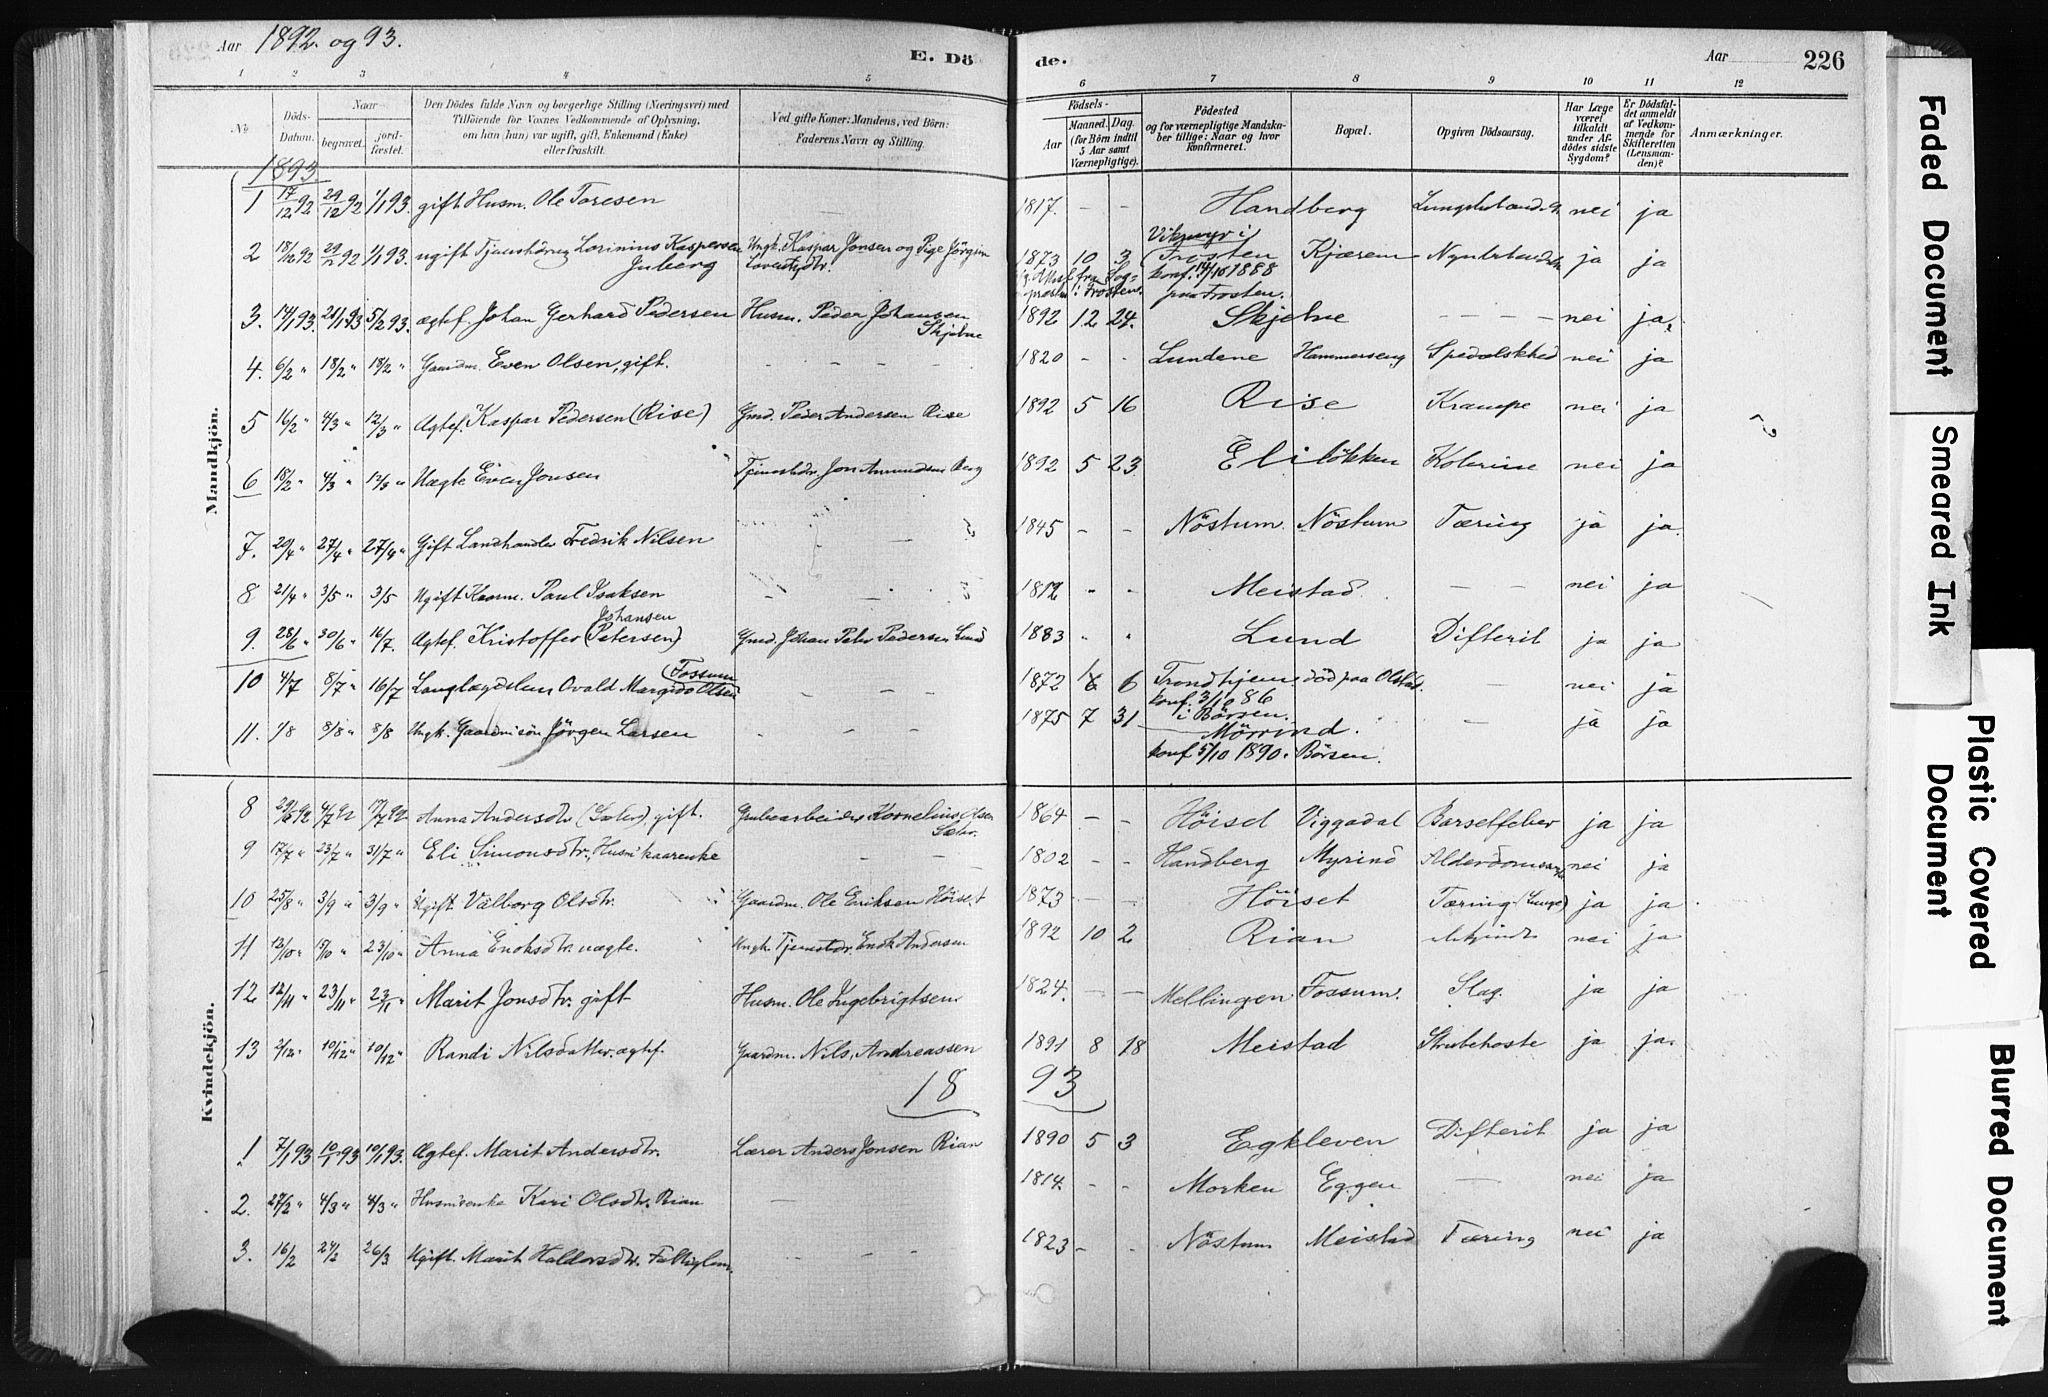 SAT, Ministerialprotokoller, klokkerbøker og fødselsregistre - Sør-Trøndelag, 665/L0773: Ministerialbok nr. 665A08, 1879-1905, s. 226